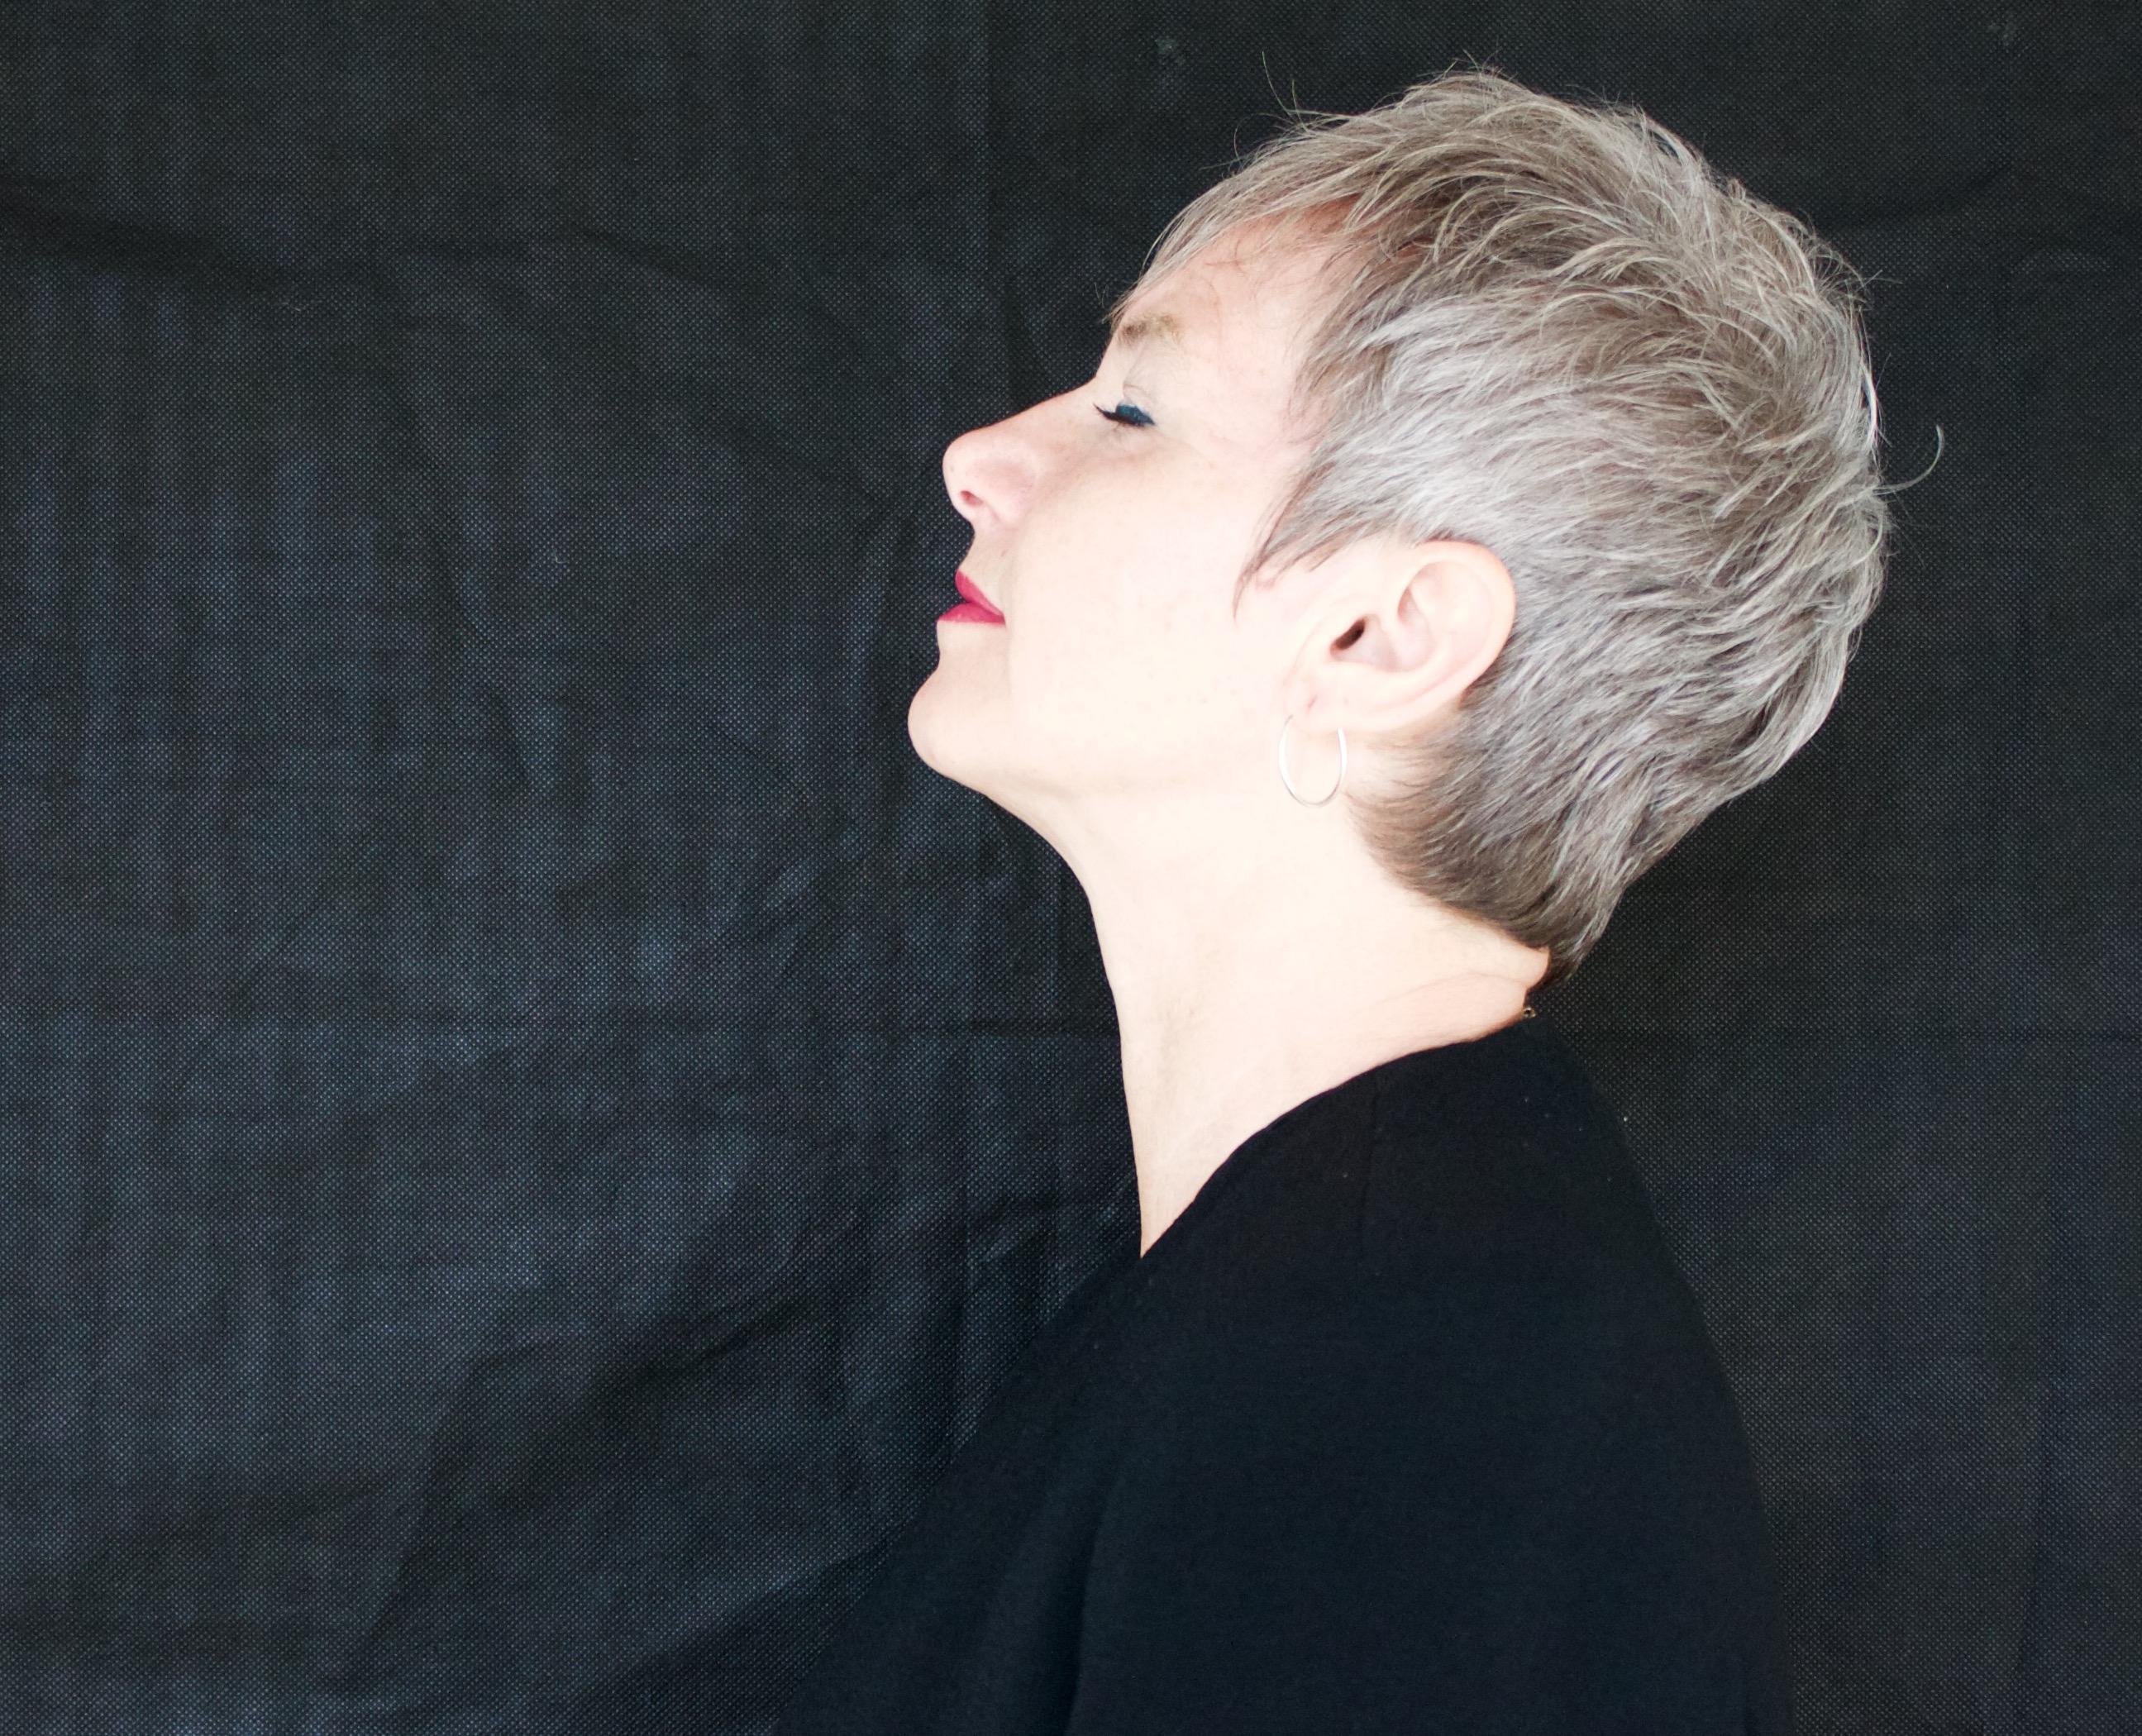 Ep 125.1: Christine the singer